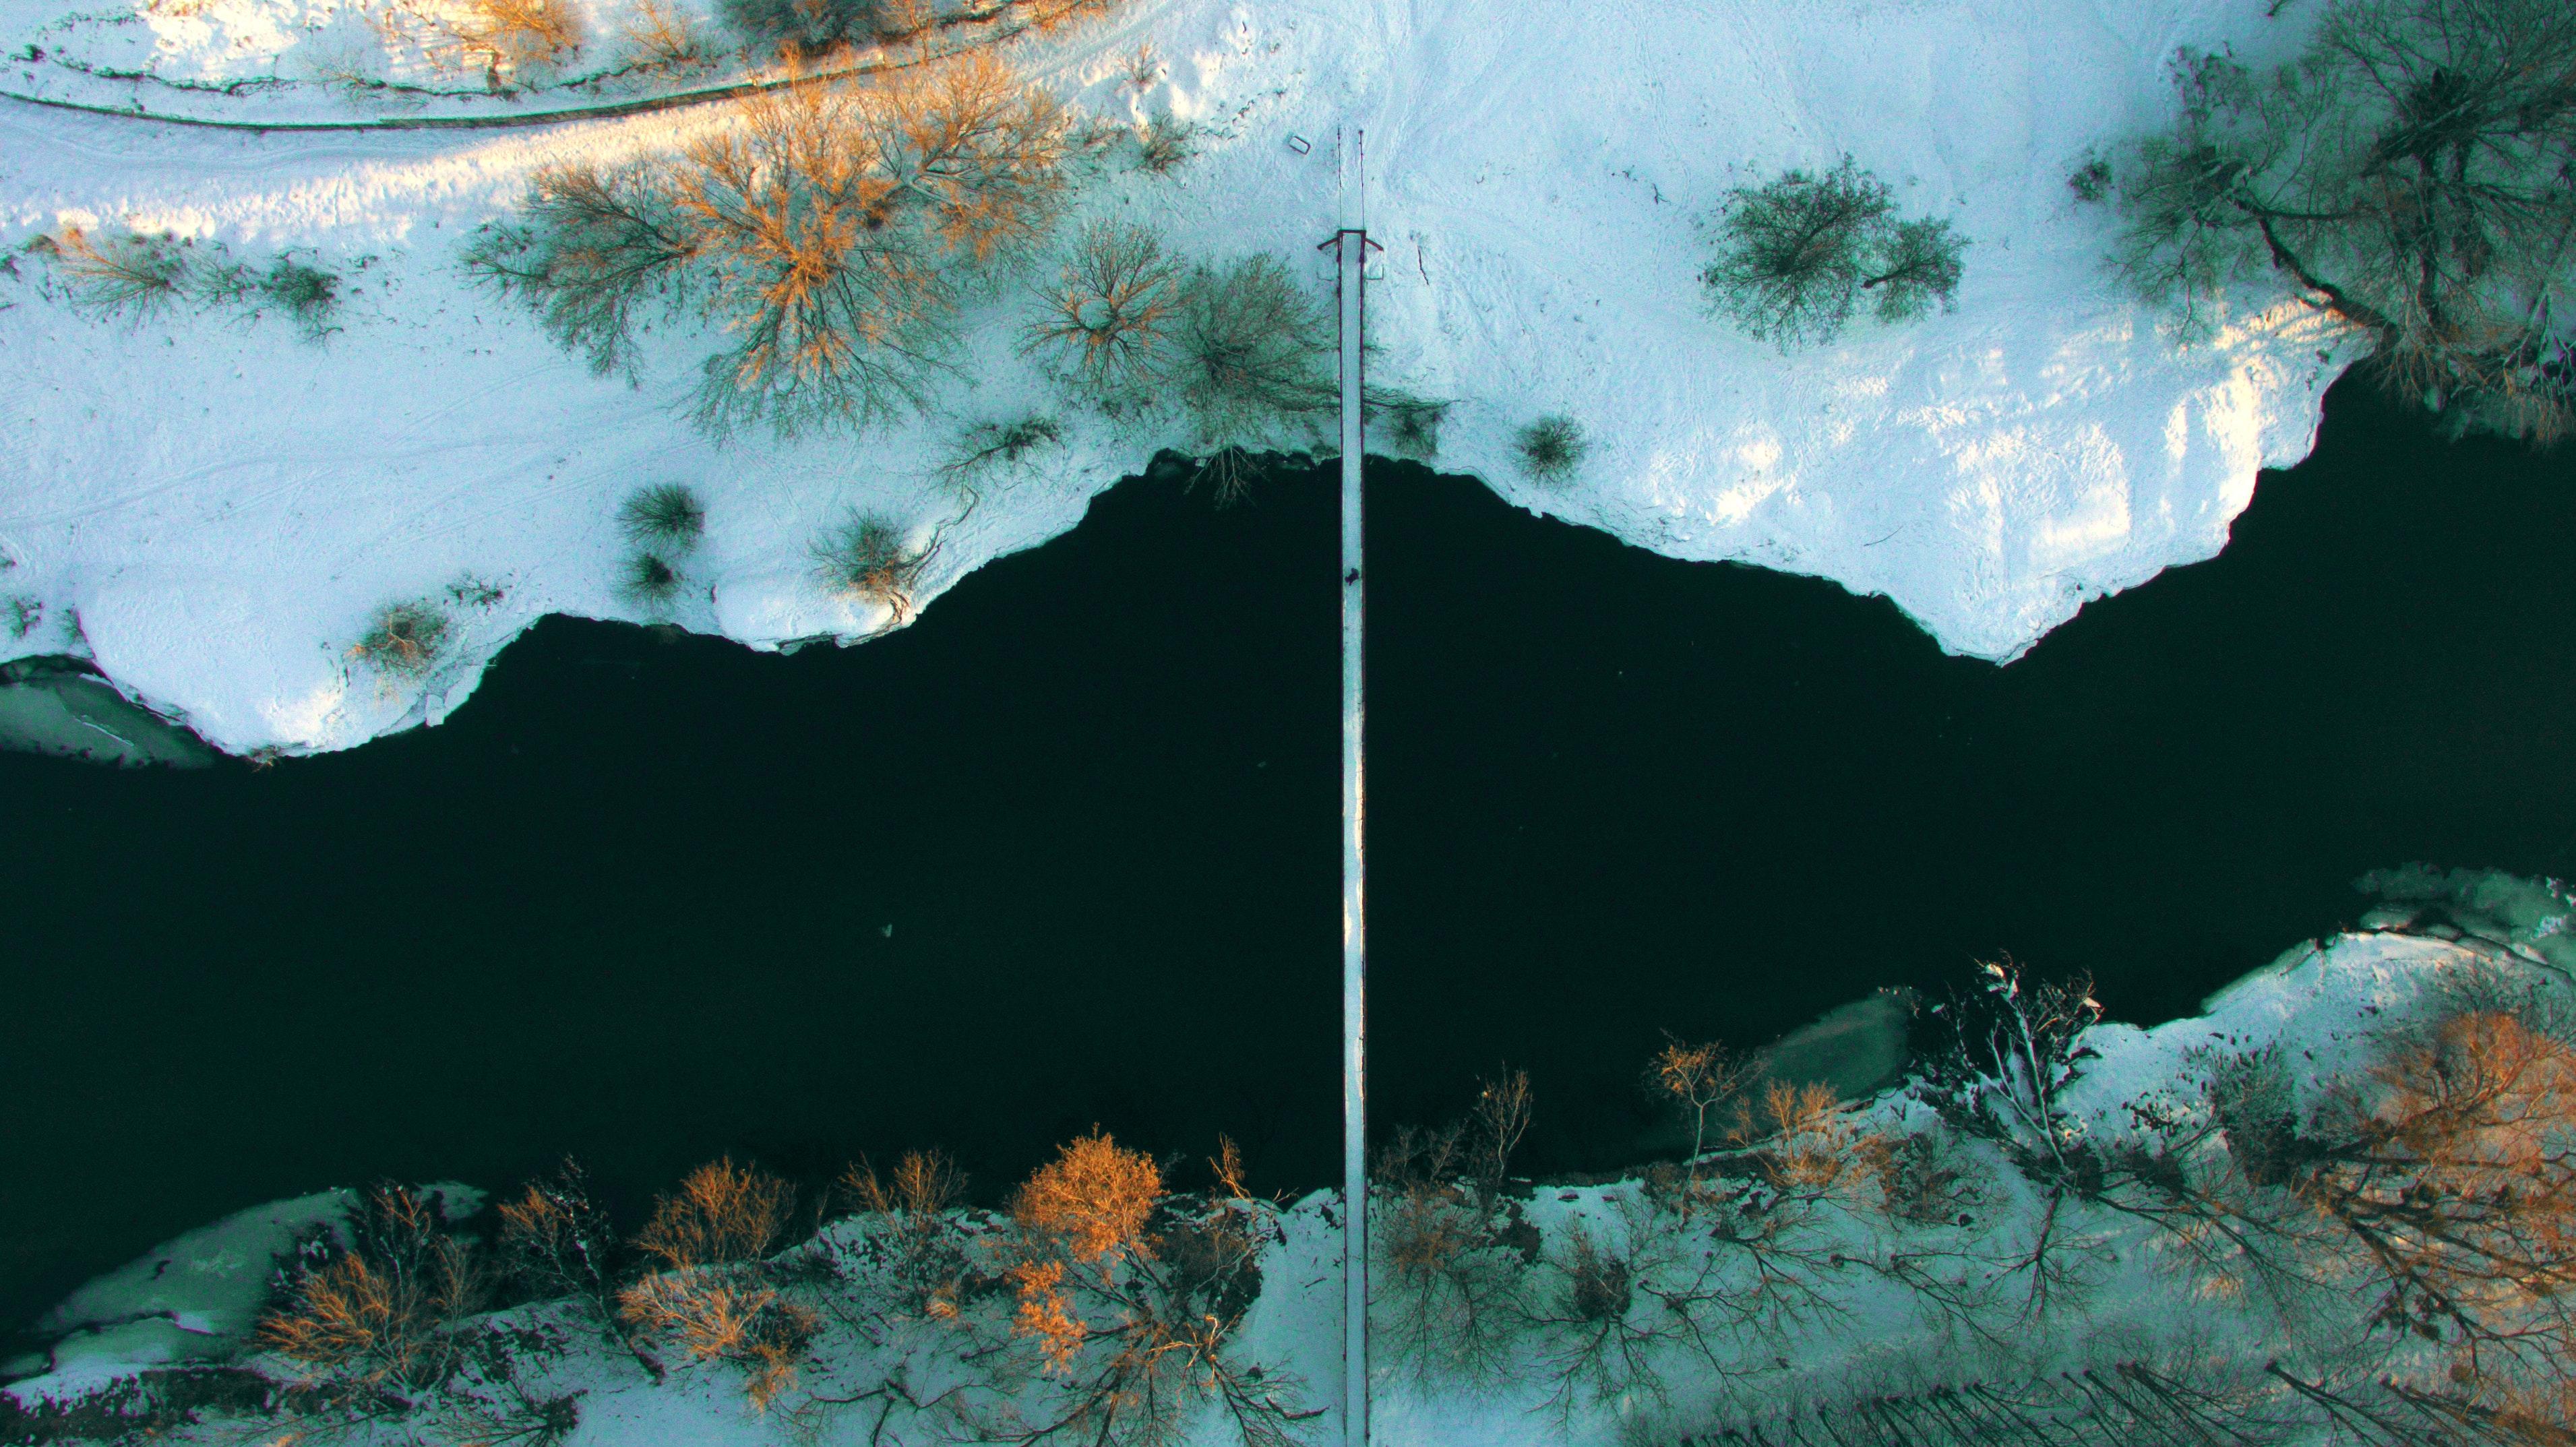 ücretsiz Boyama Dağ Doğa Stok Fotoğrafı